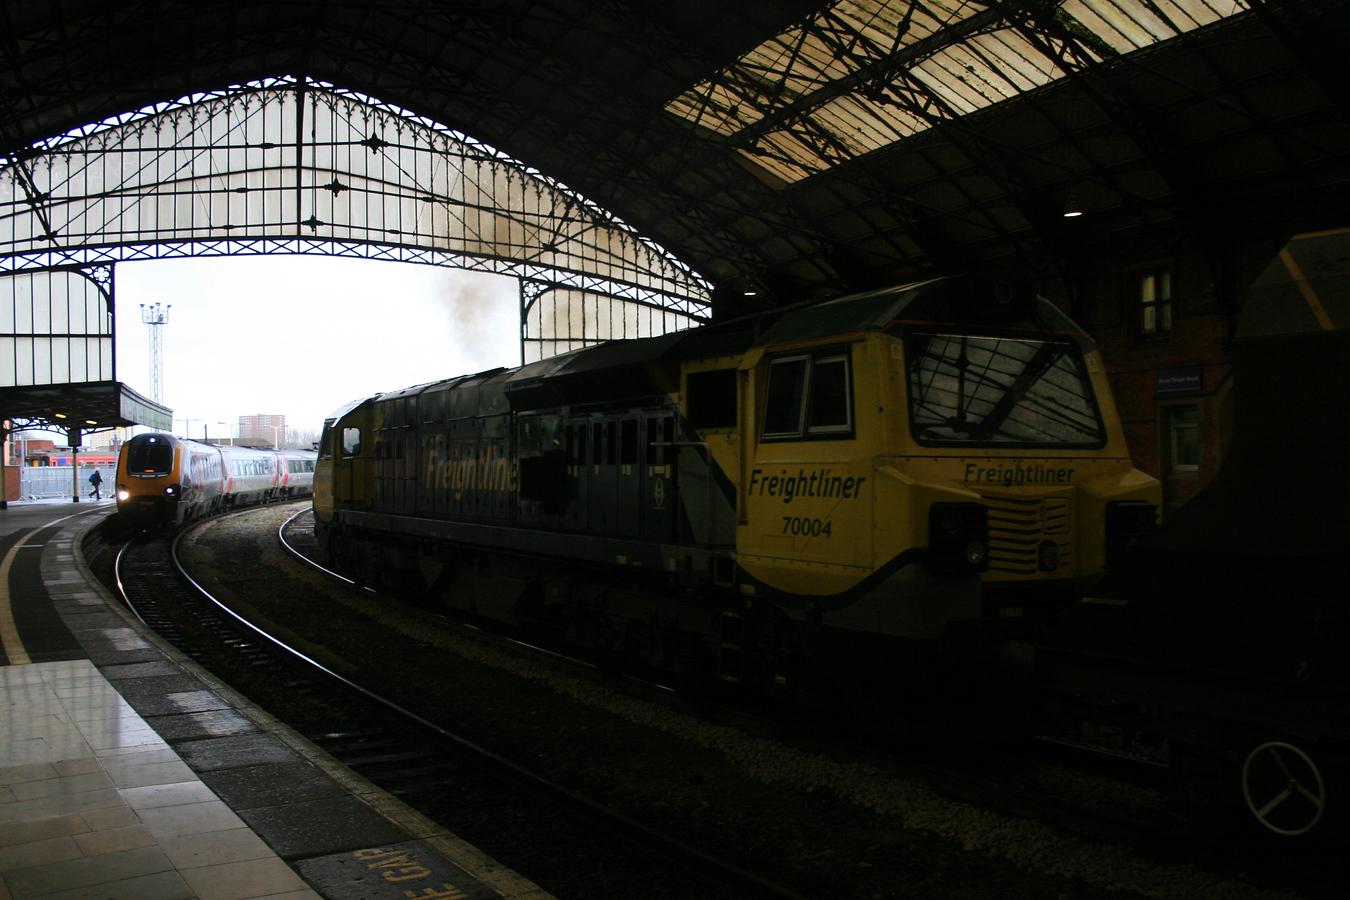 220015_70004_BristolTM_16122015 (10)_AXC_Freightliner